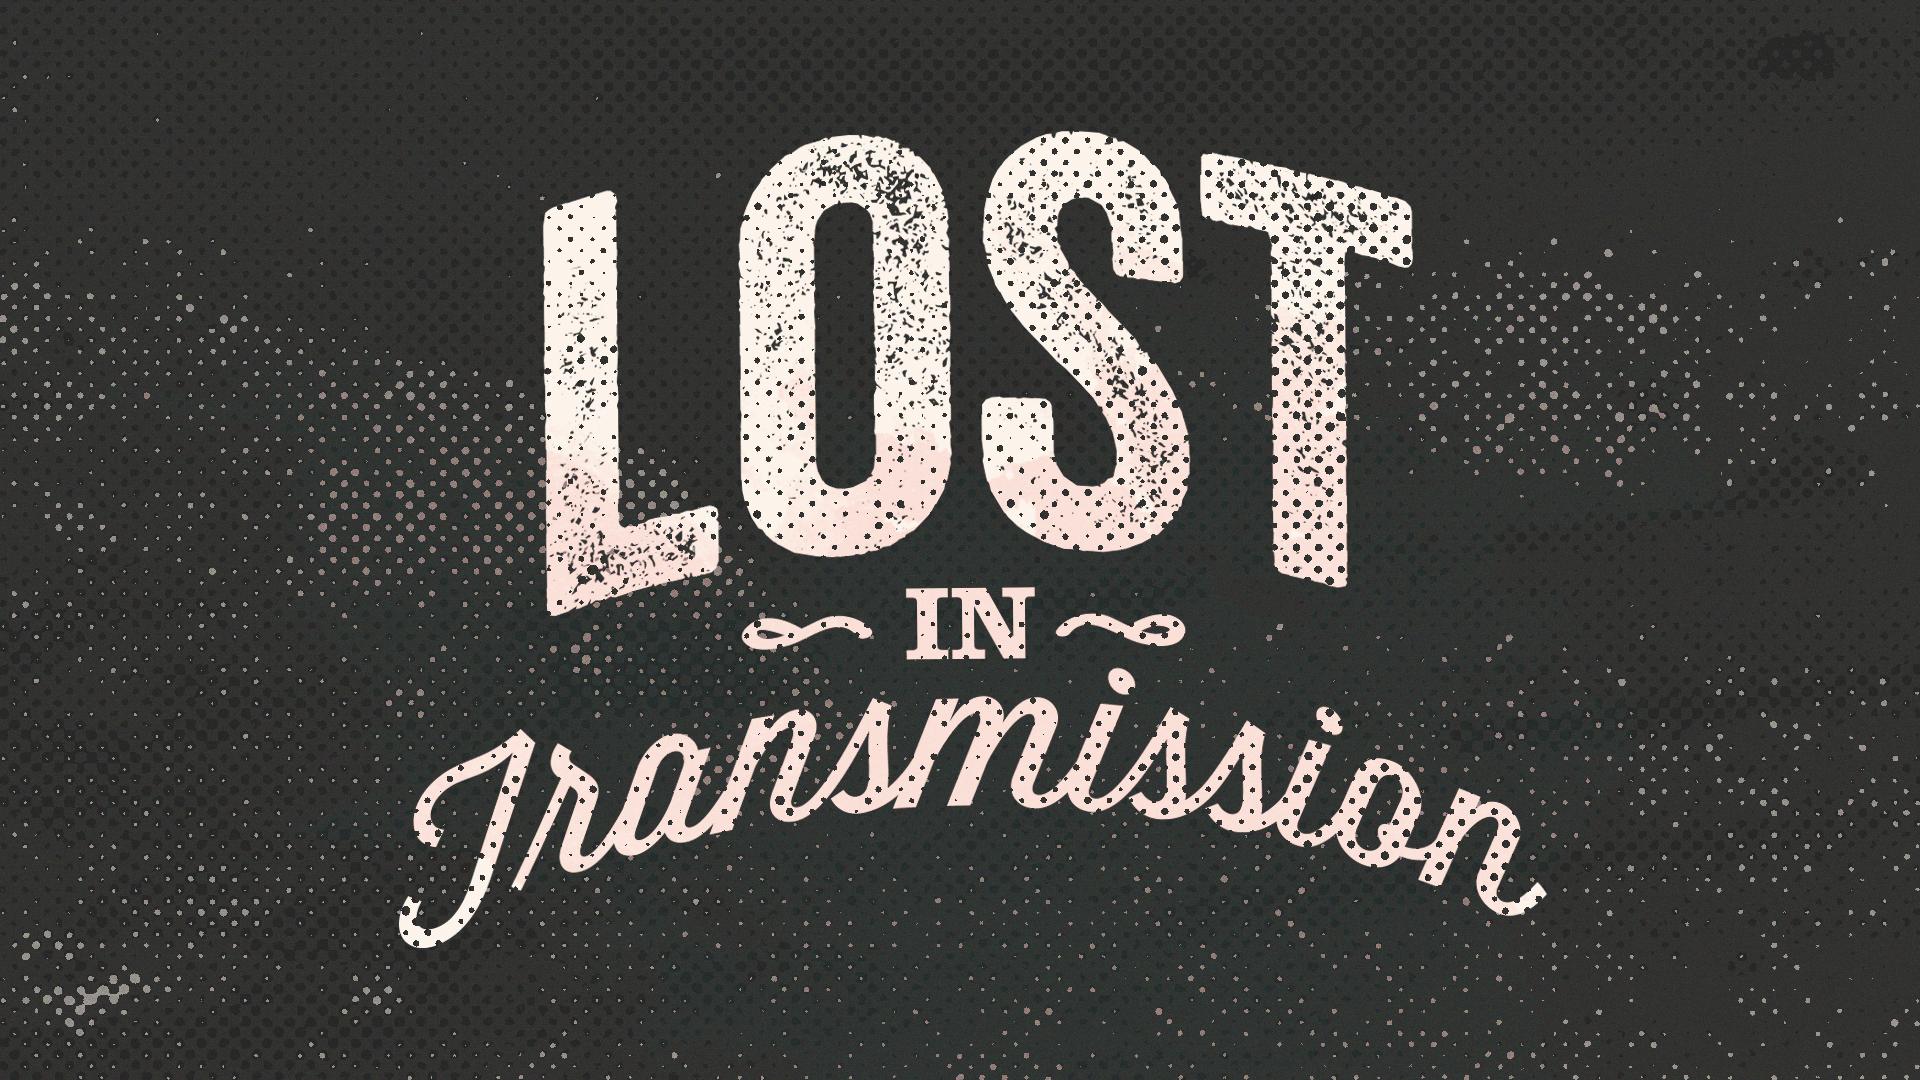 LOS_MT_1.1_kt